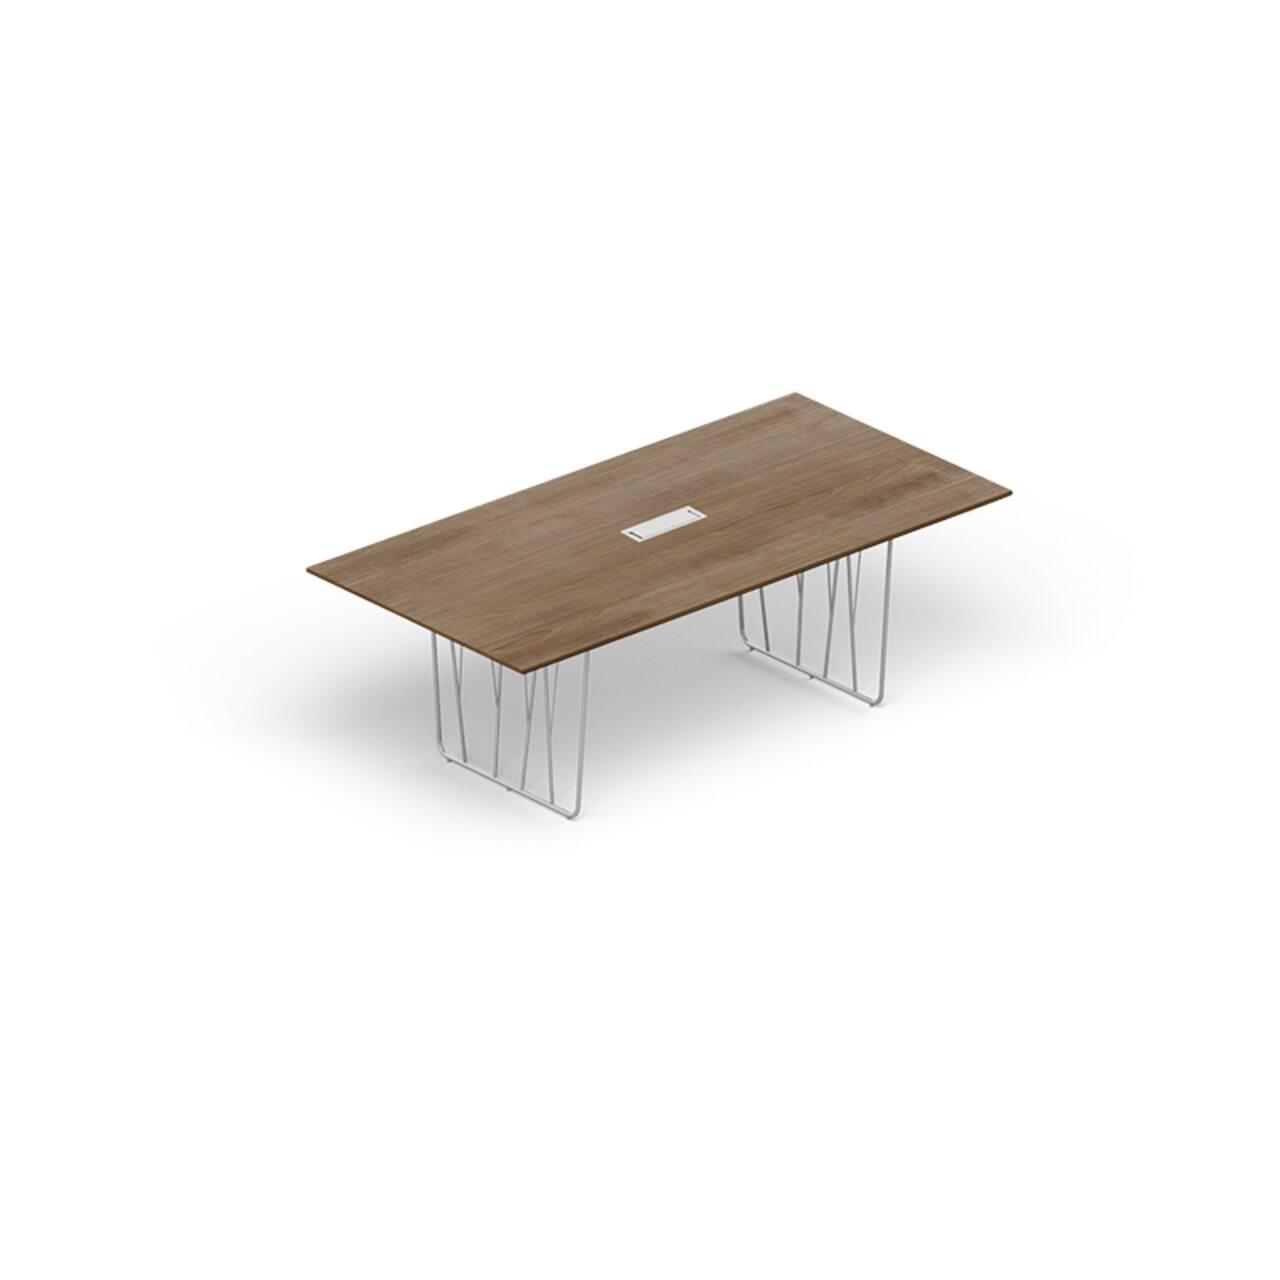 Стол для переговоров Deck Meeting 240x120x75 - фото 1